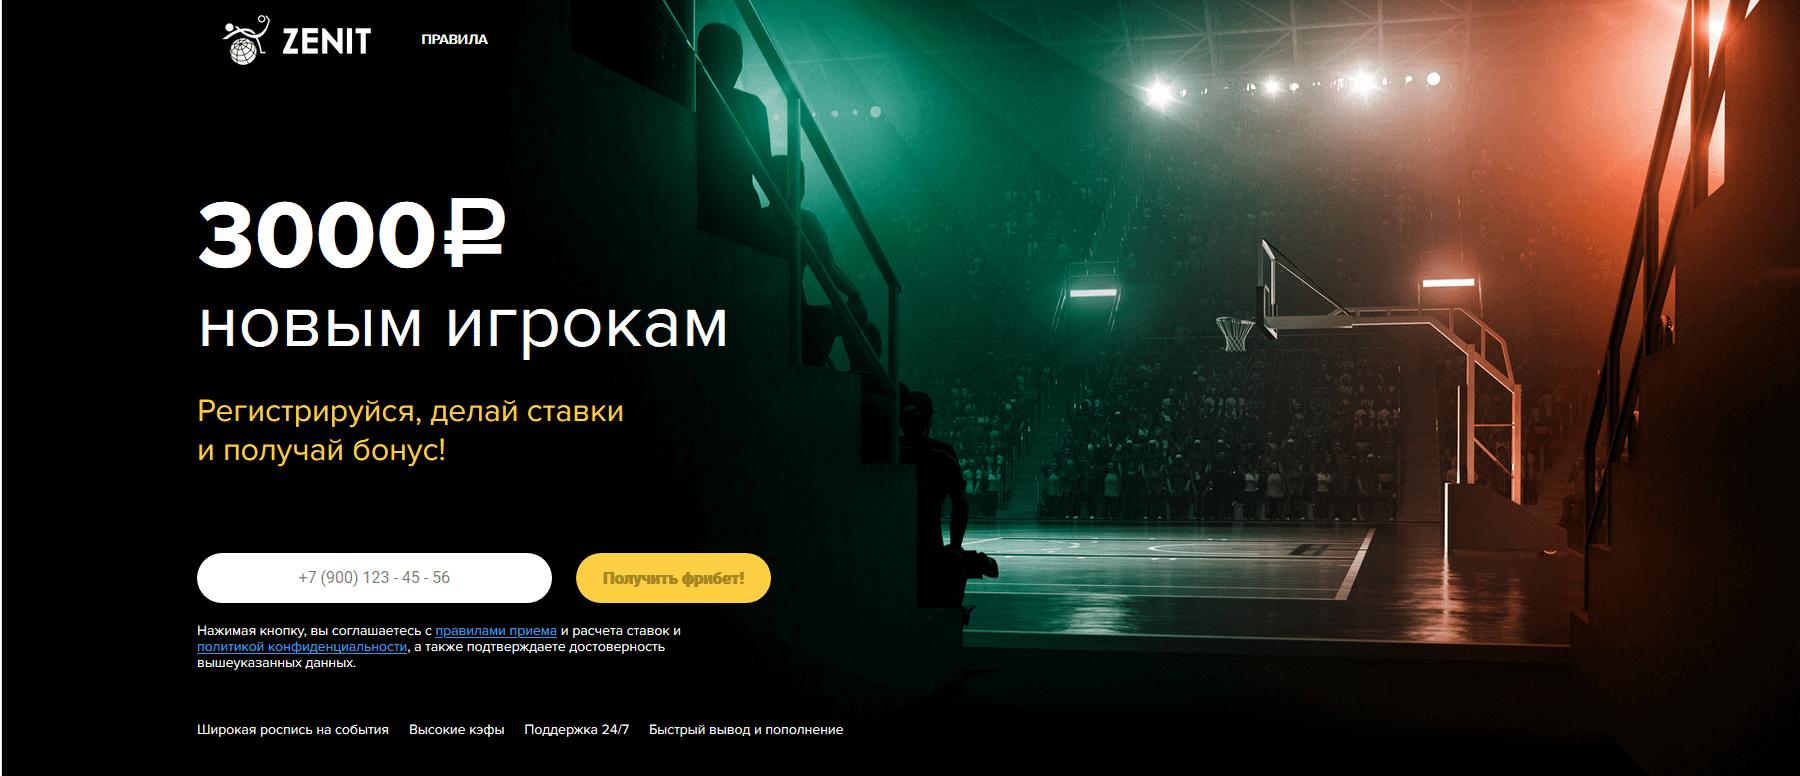 Обзор бонусной программы БК Зенит